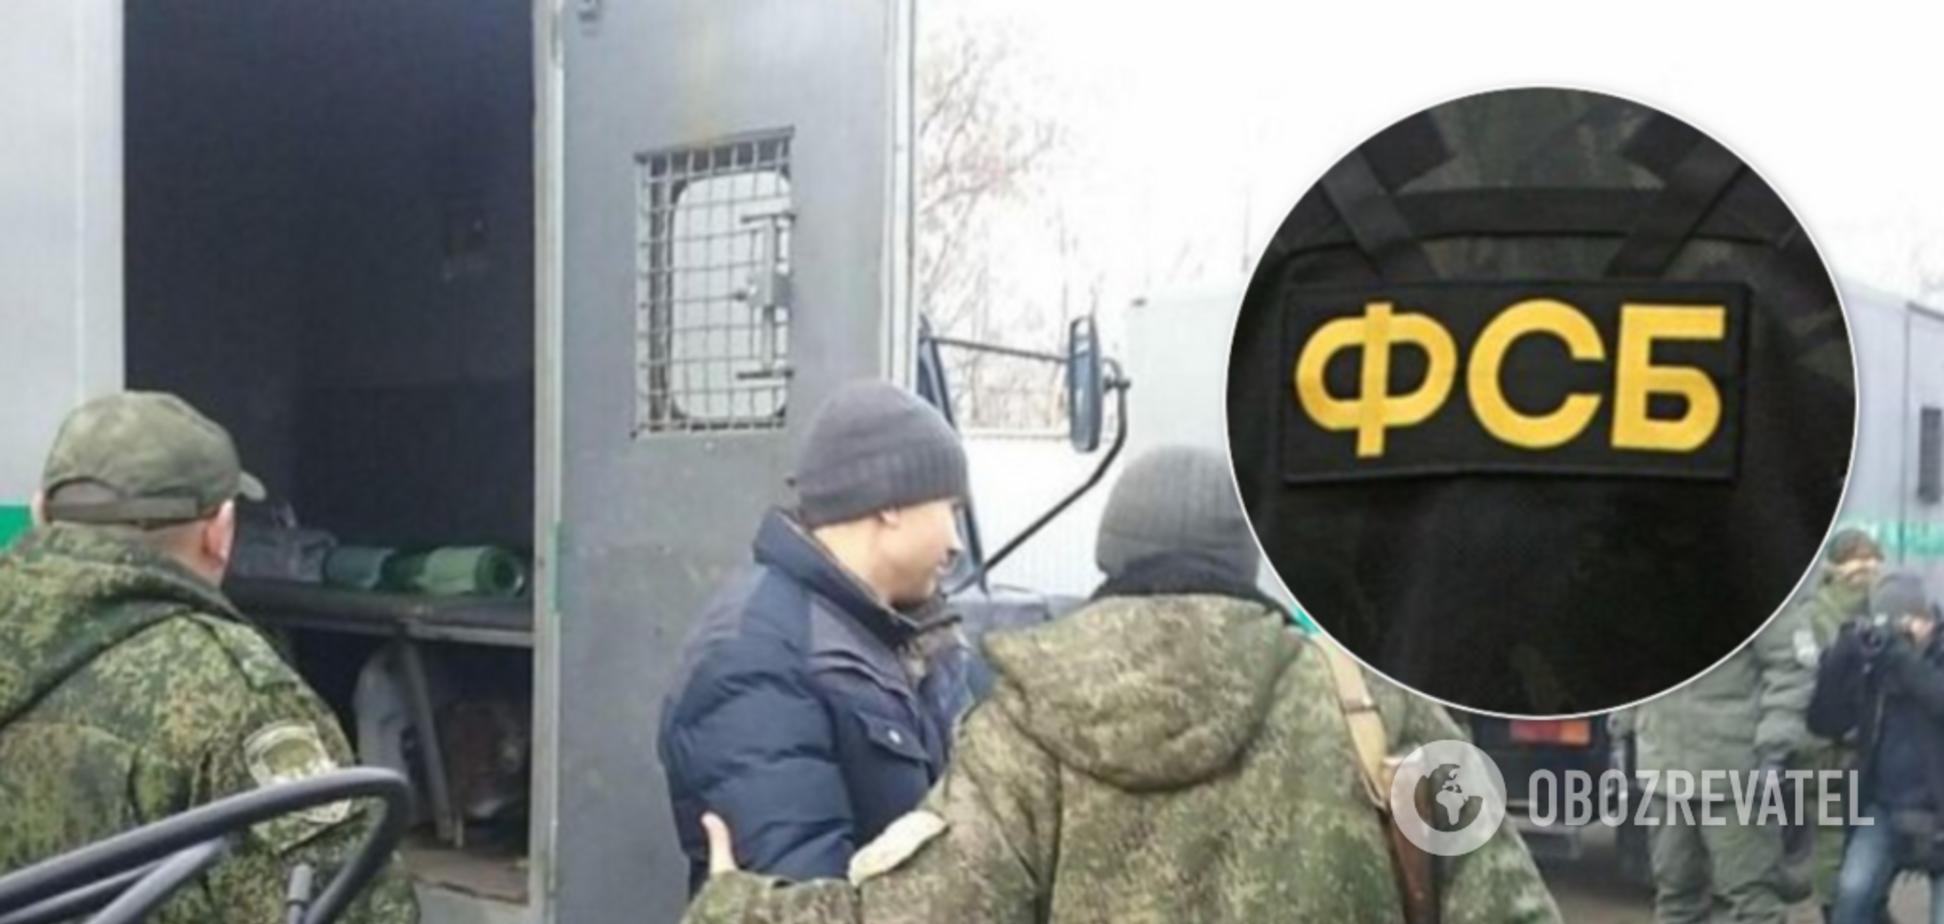 Украинец ужаснул рассказом о пытках ФСБ в плену